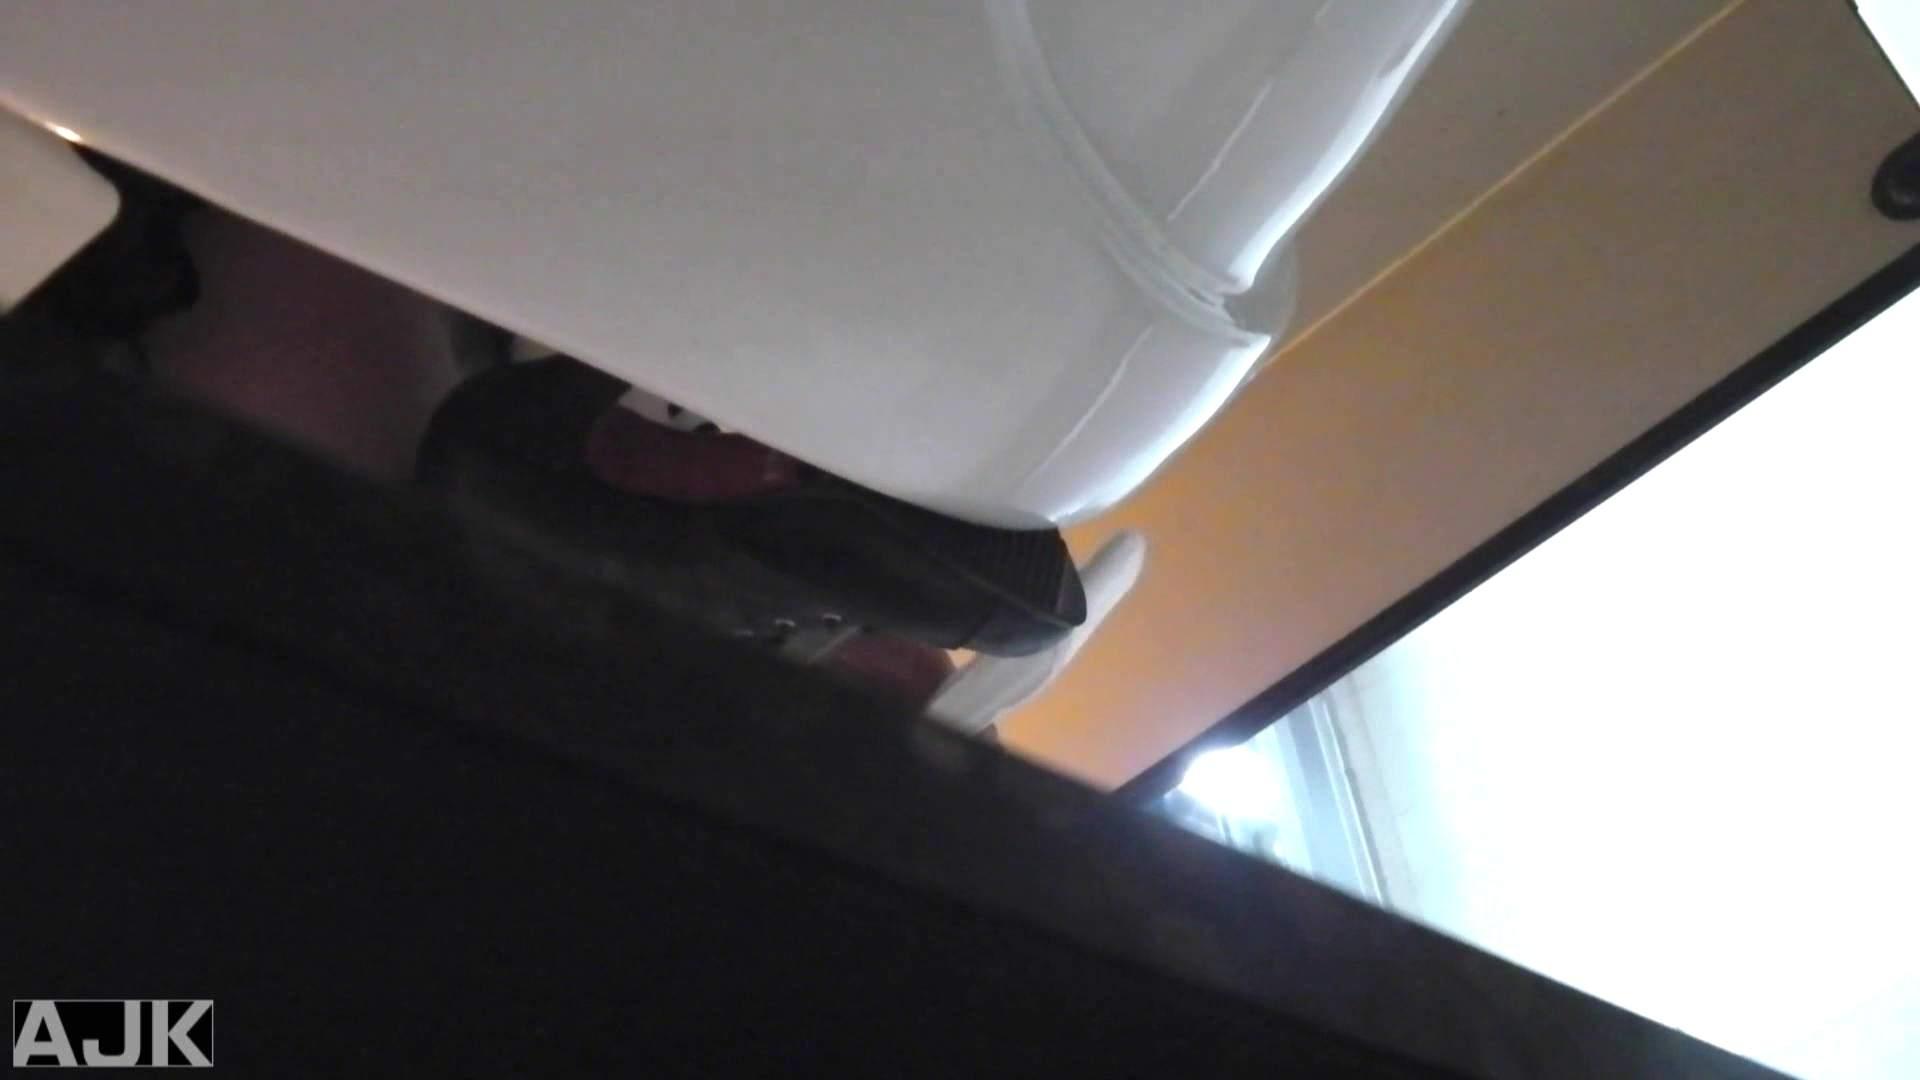 隣国上階級エリアの令嬢たちが集うデパートお手洗い Vol.25 便所で・・・ セックス画像 65画像 61